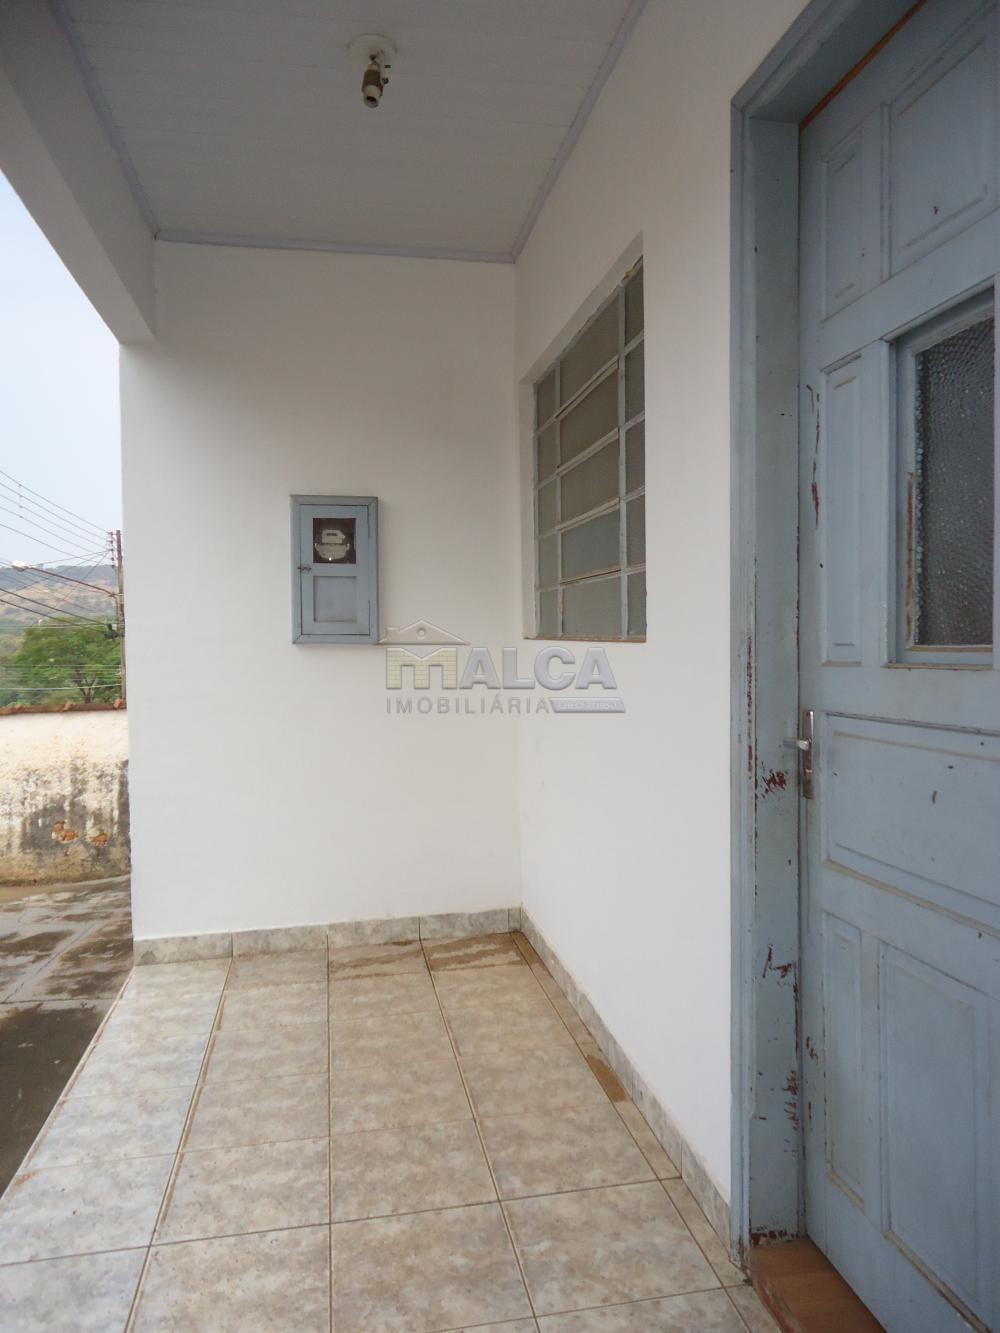 Alugar Casas / Padrão em São José do Rio Pardo apenas R$ 770,00 - Foto 5